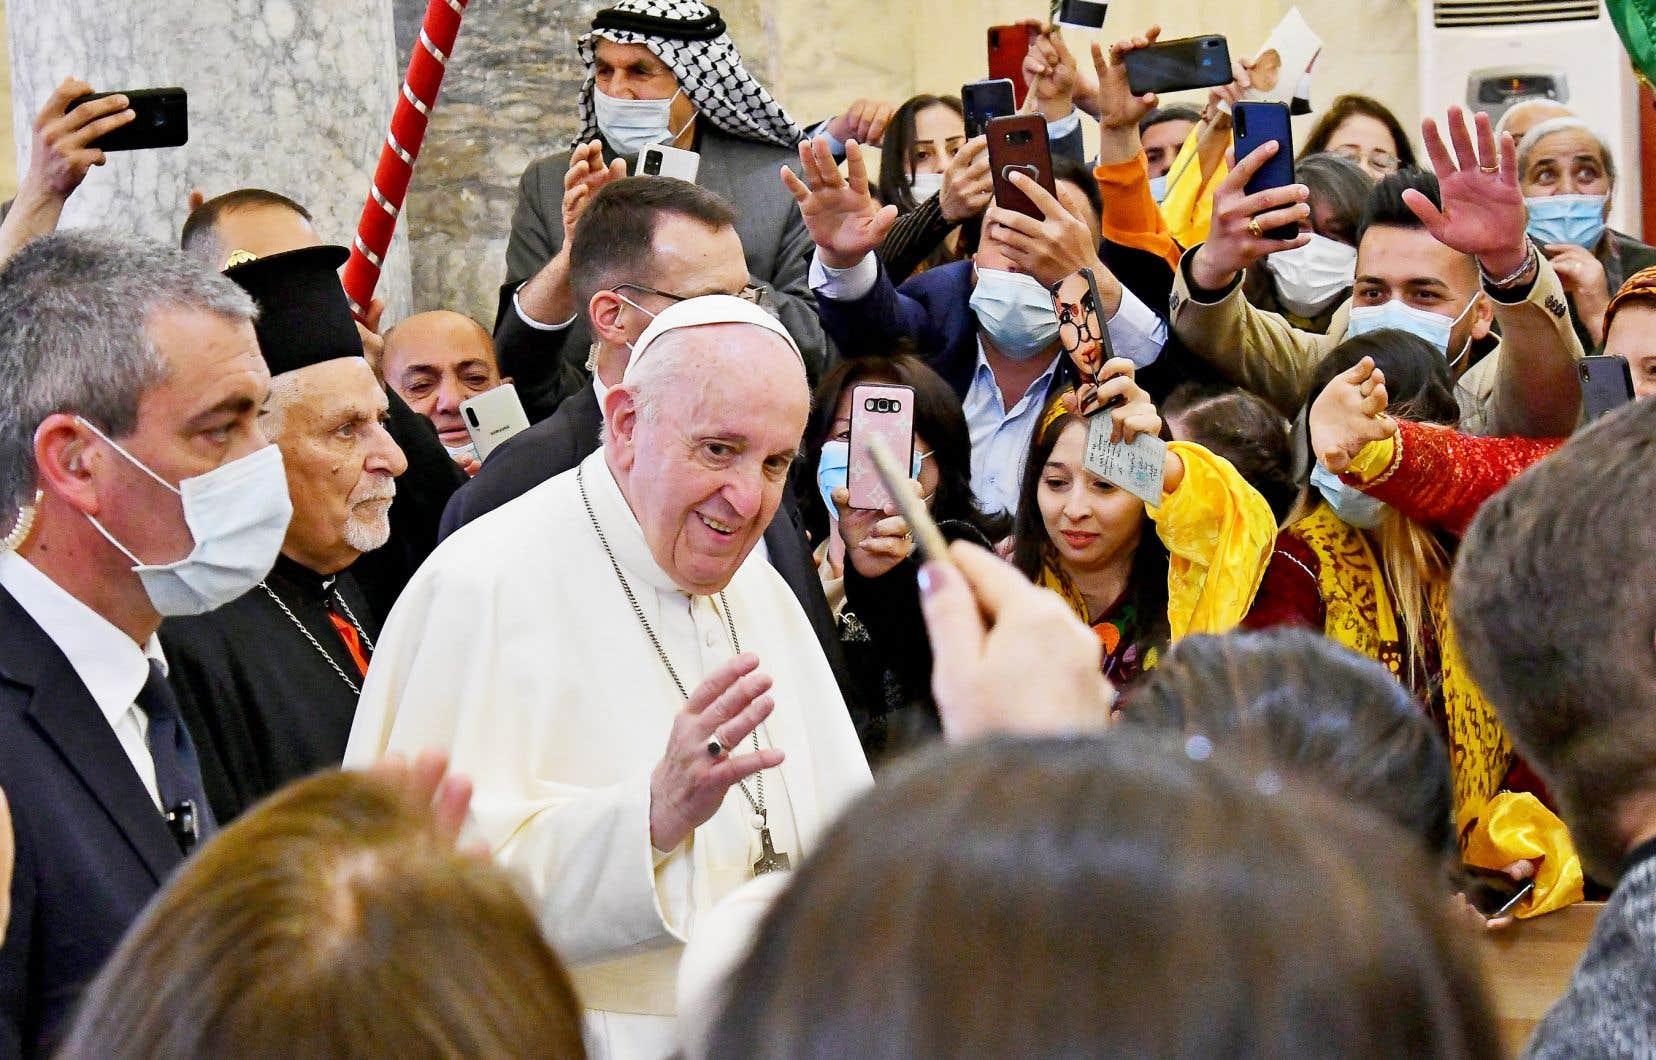 Le pape François a été accueilli par une foule en liesse à l'église syriaque catholique de l'Immaculée Conception.